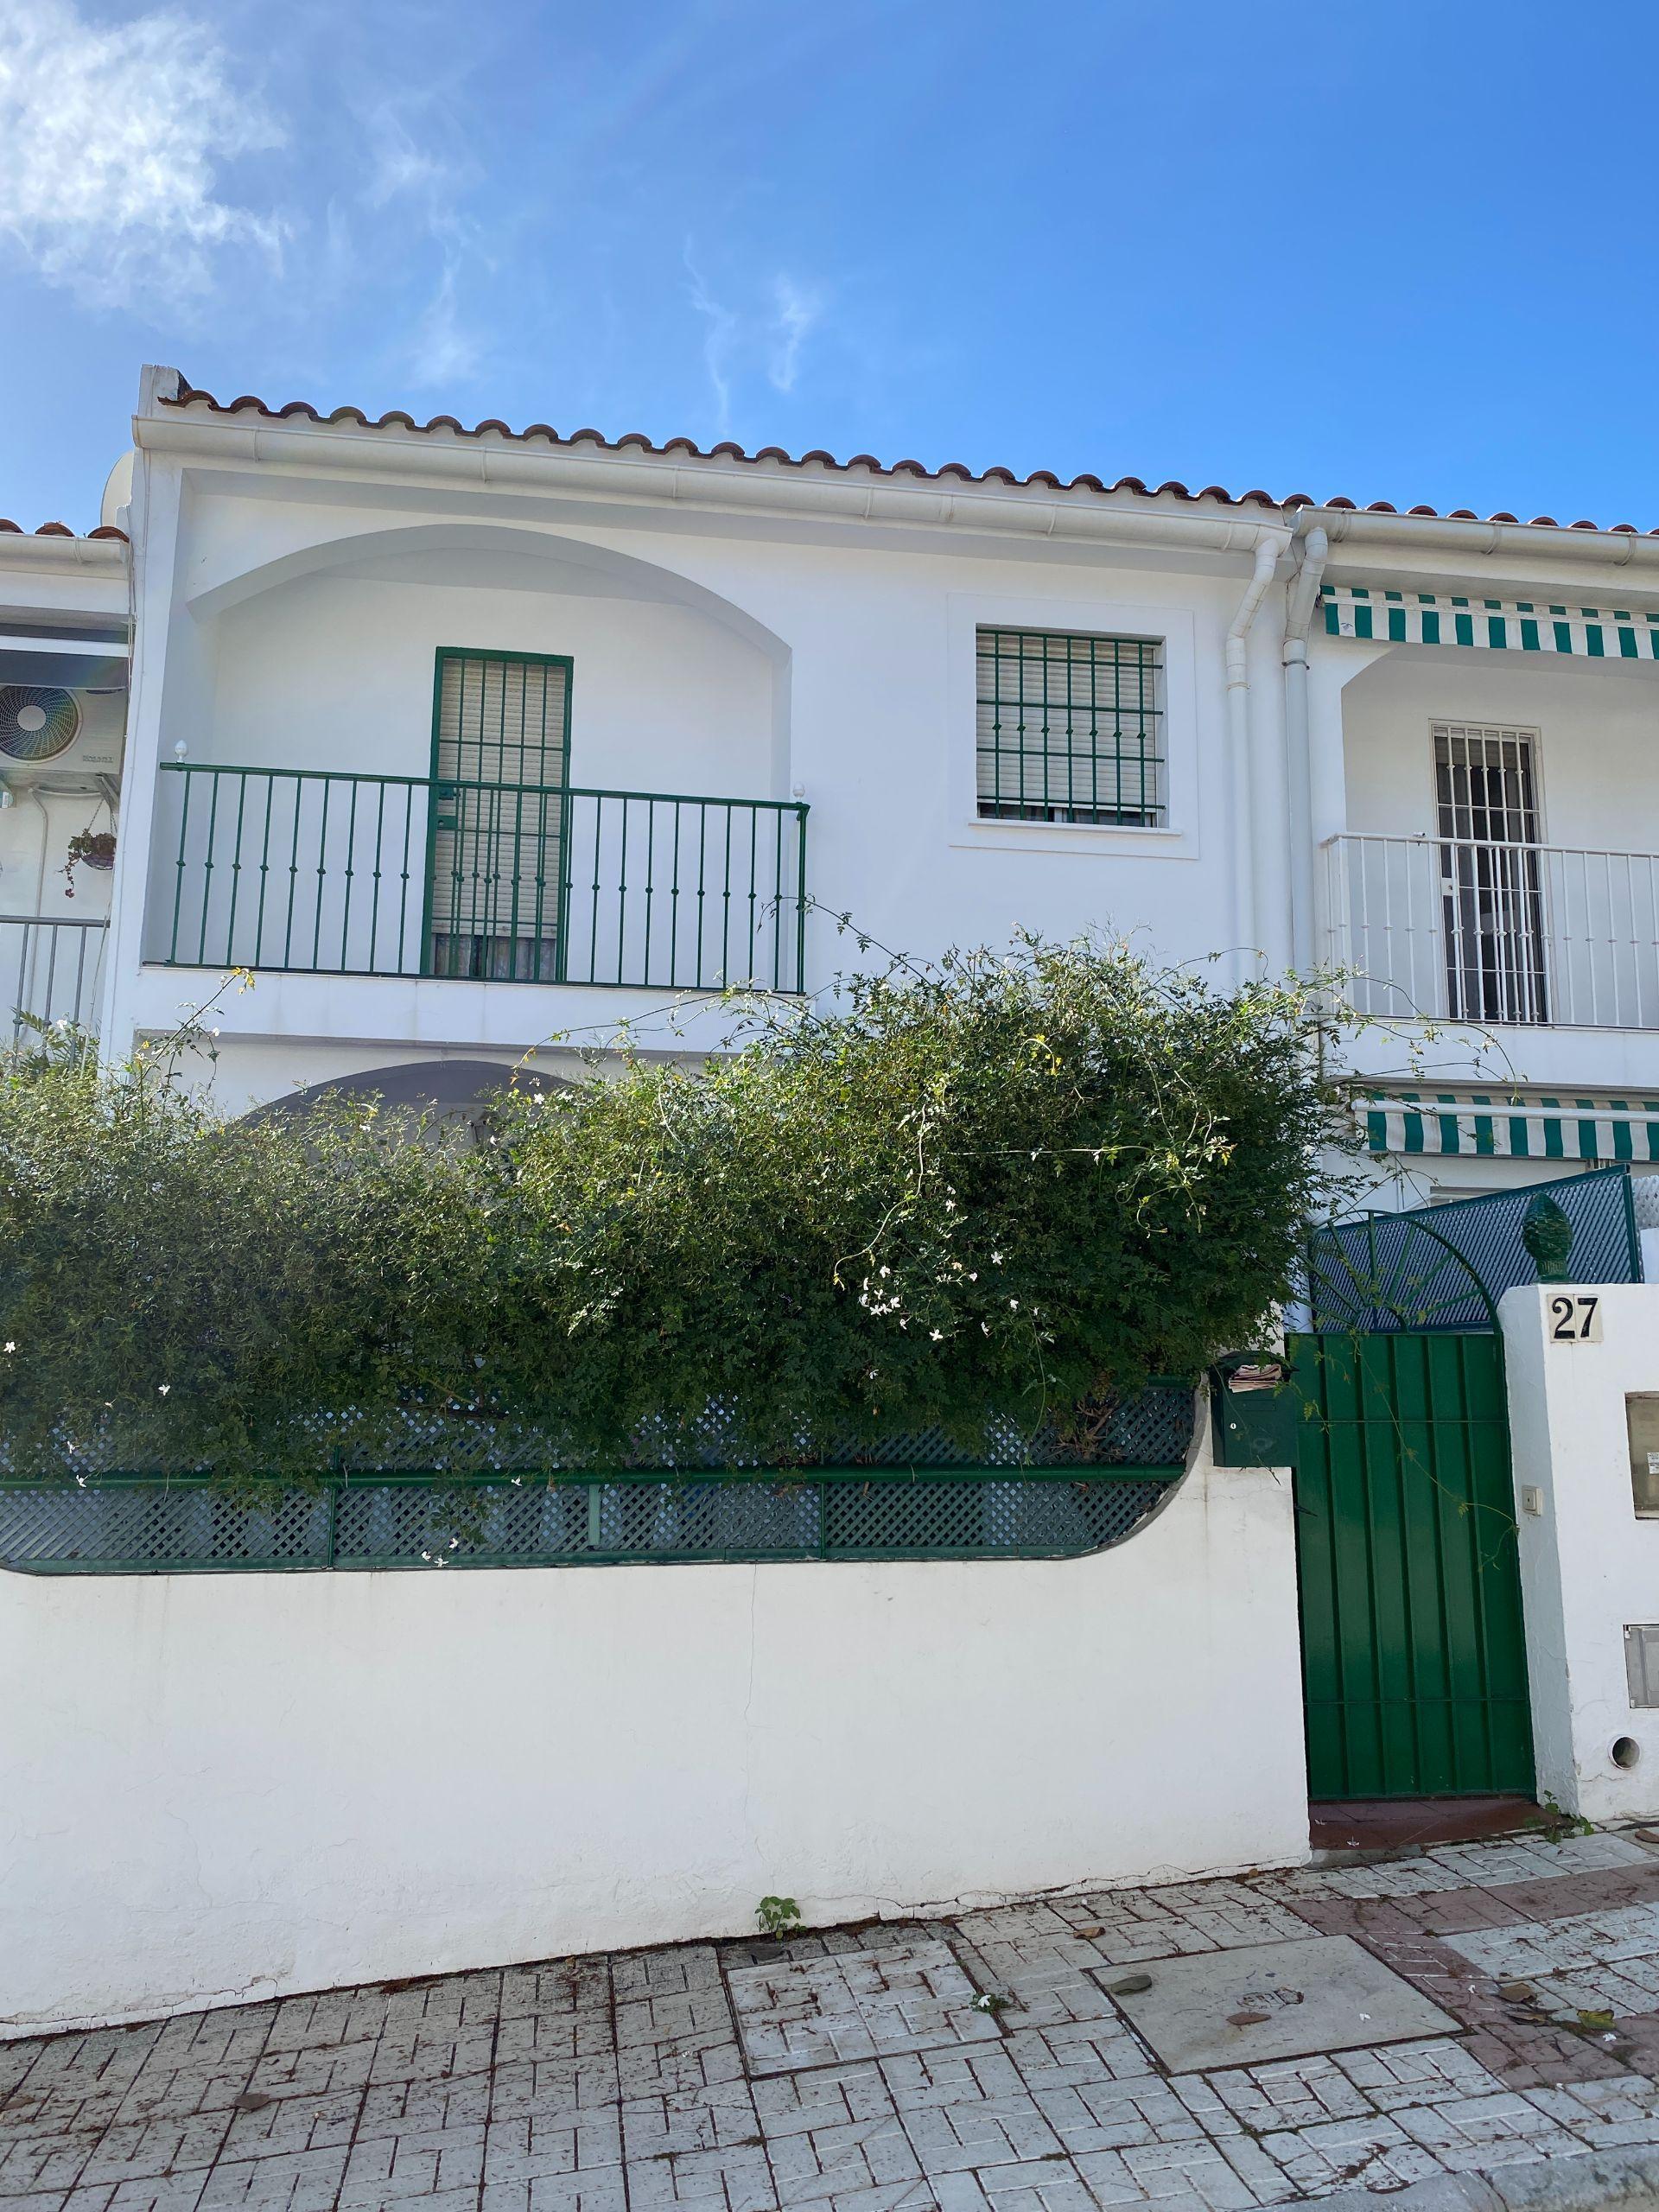 Casa adosada en Torremolinos, Playamar, alquiler